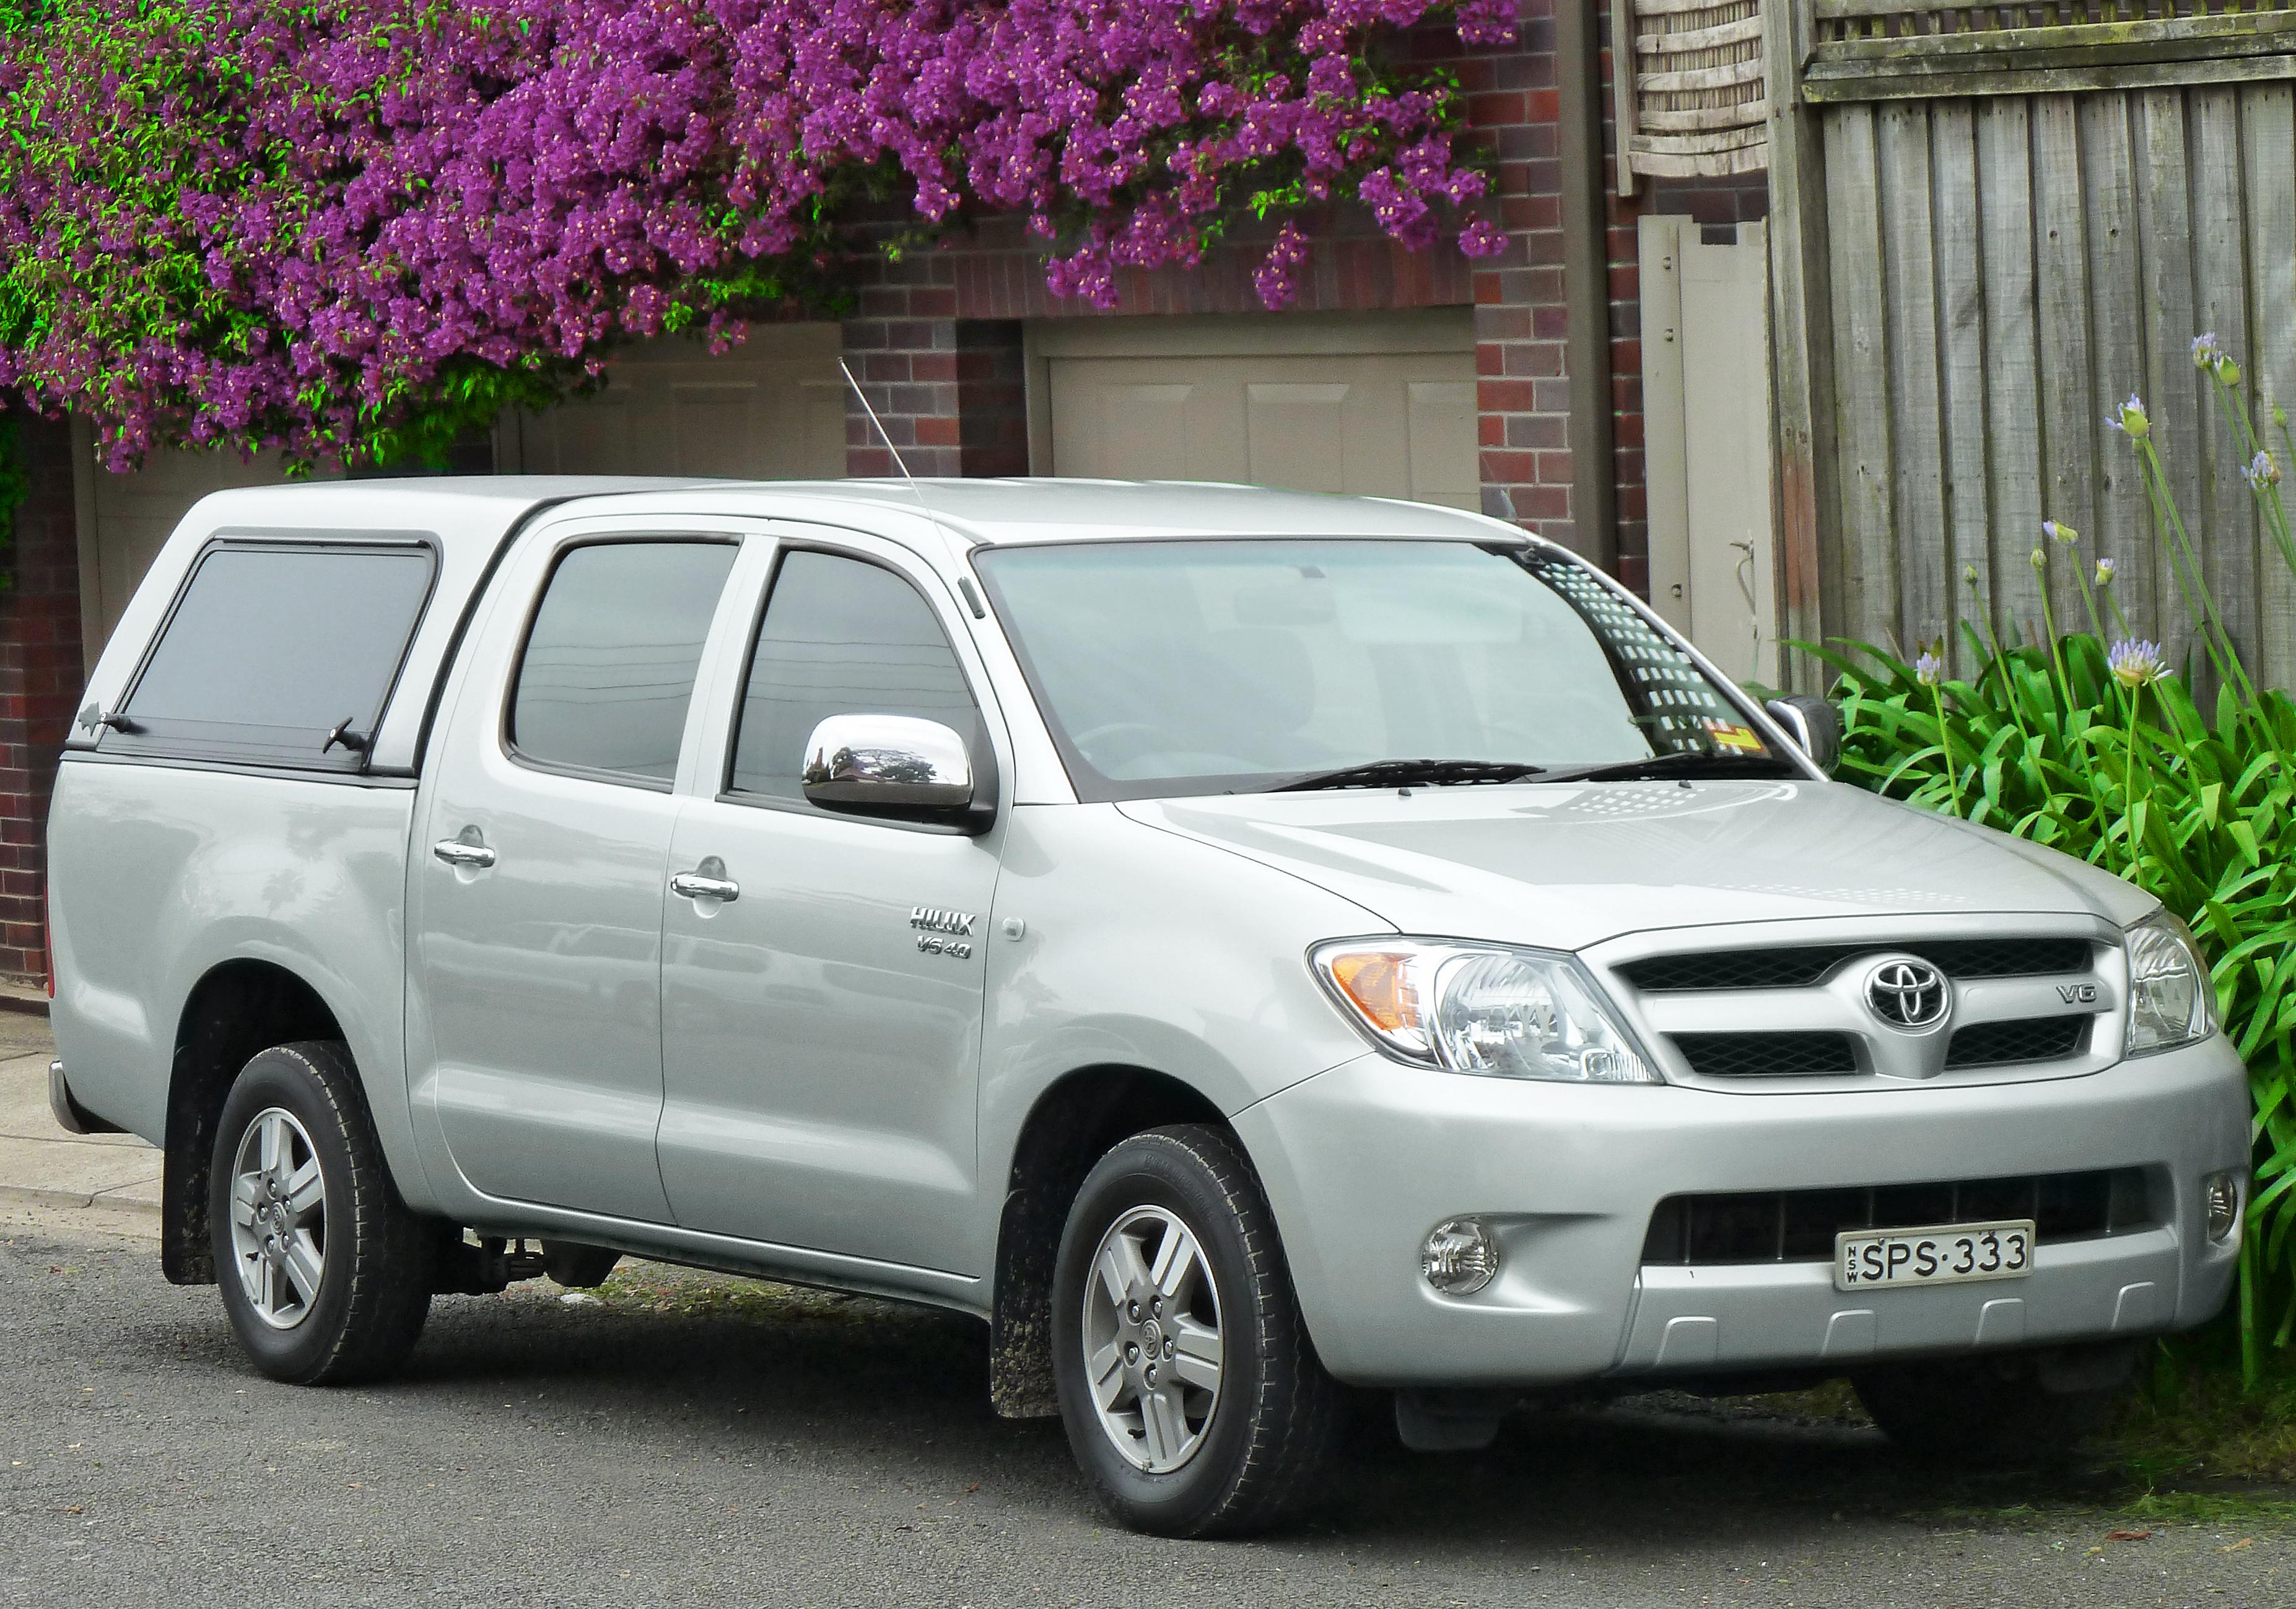 Description 2005-2008 Toyota Hilux (GGN15R) SR5 4-door utility (2011